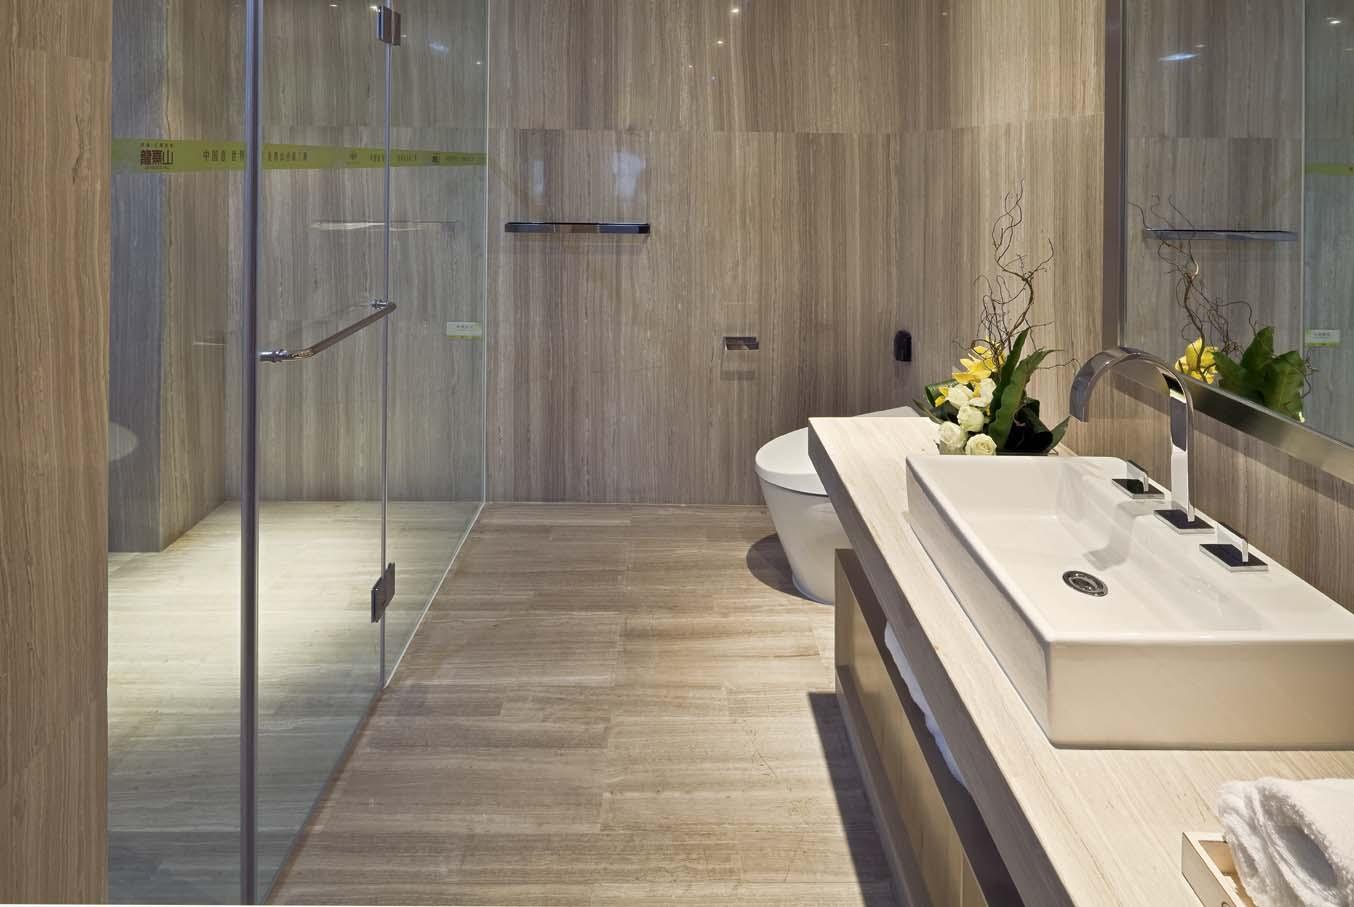 現代風格衛生間木質地面墻面裝修效果圖